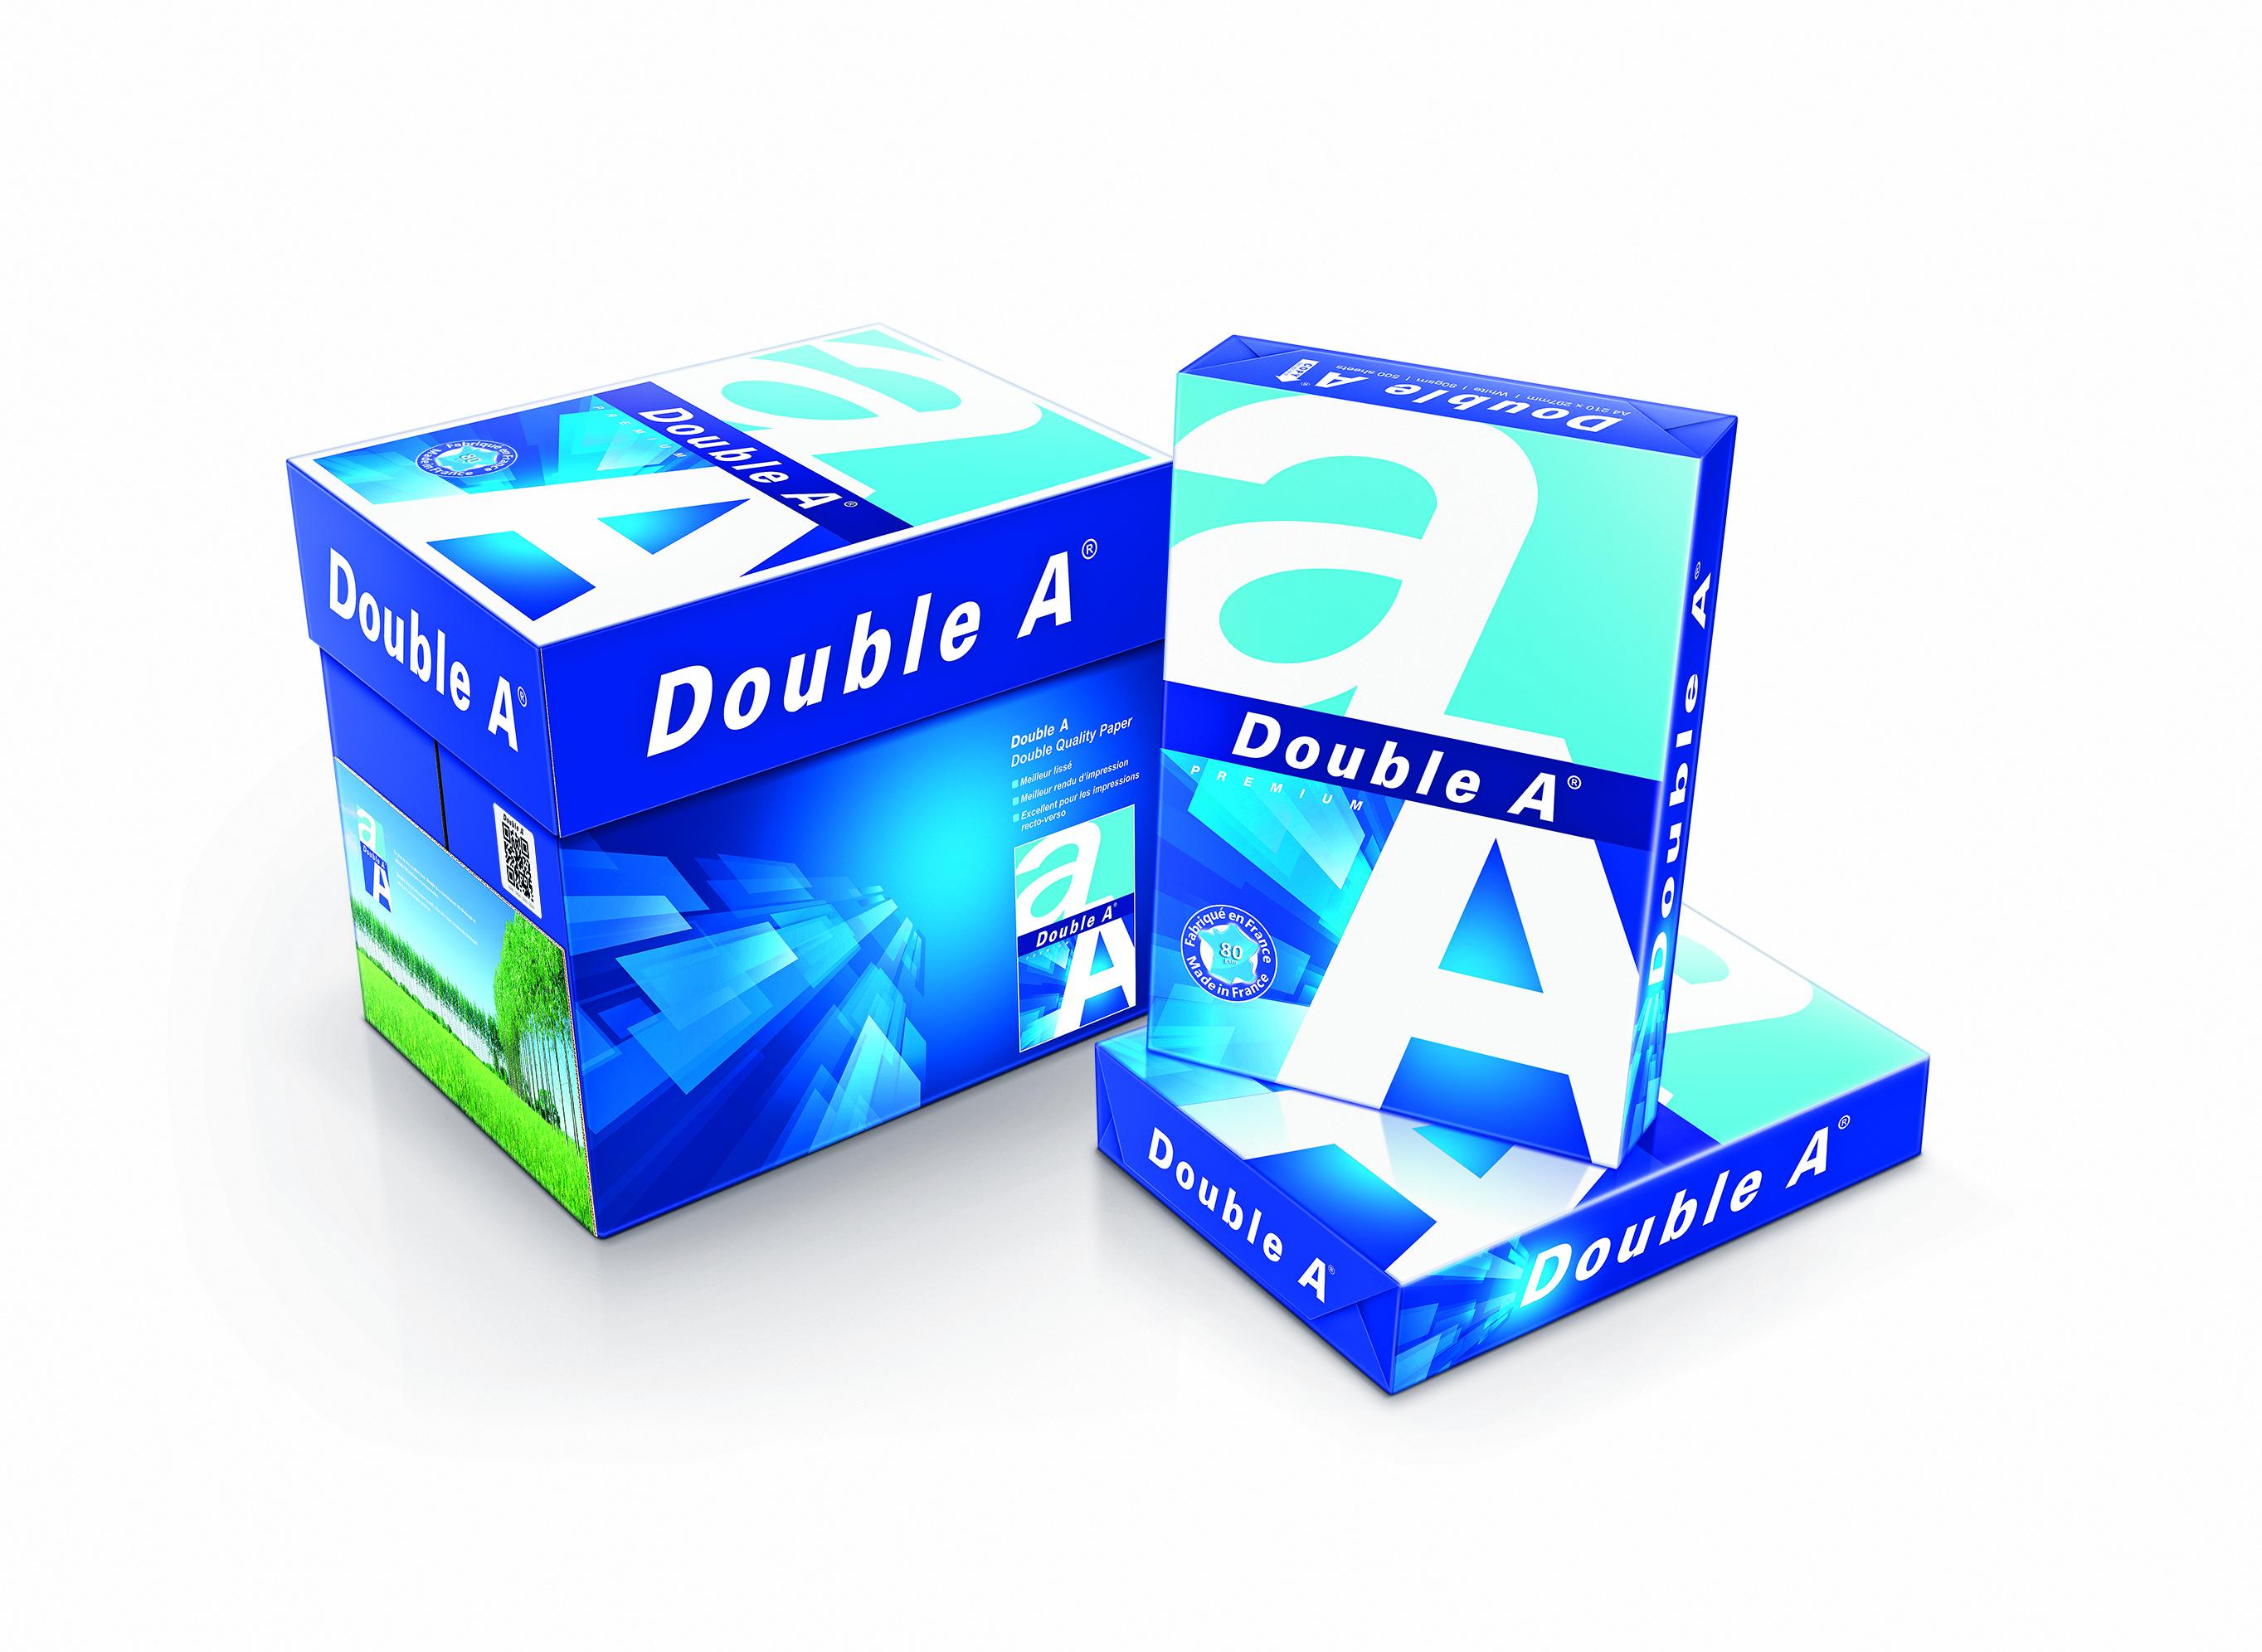 Papier van Double A: Nieuwe verpakking